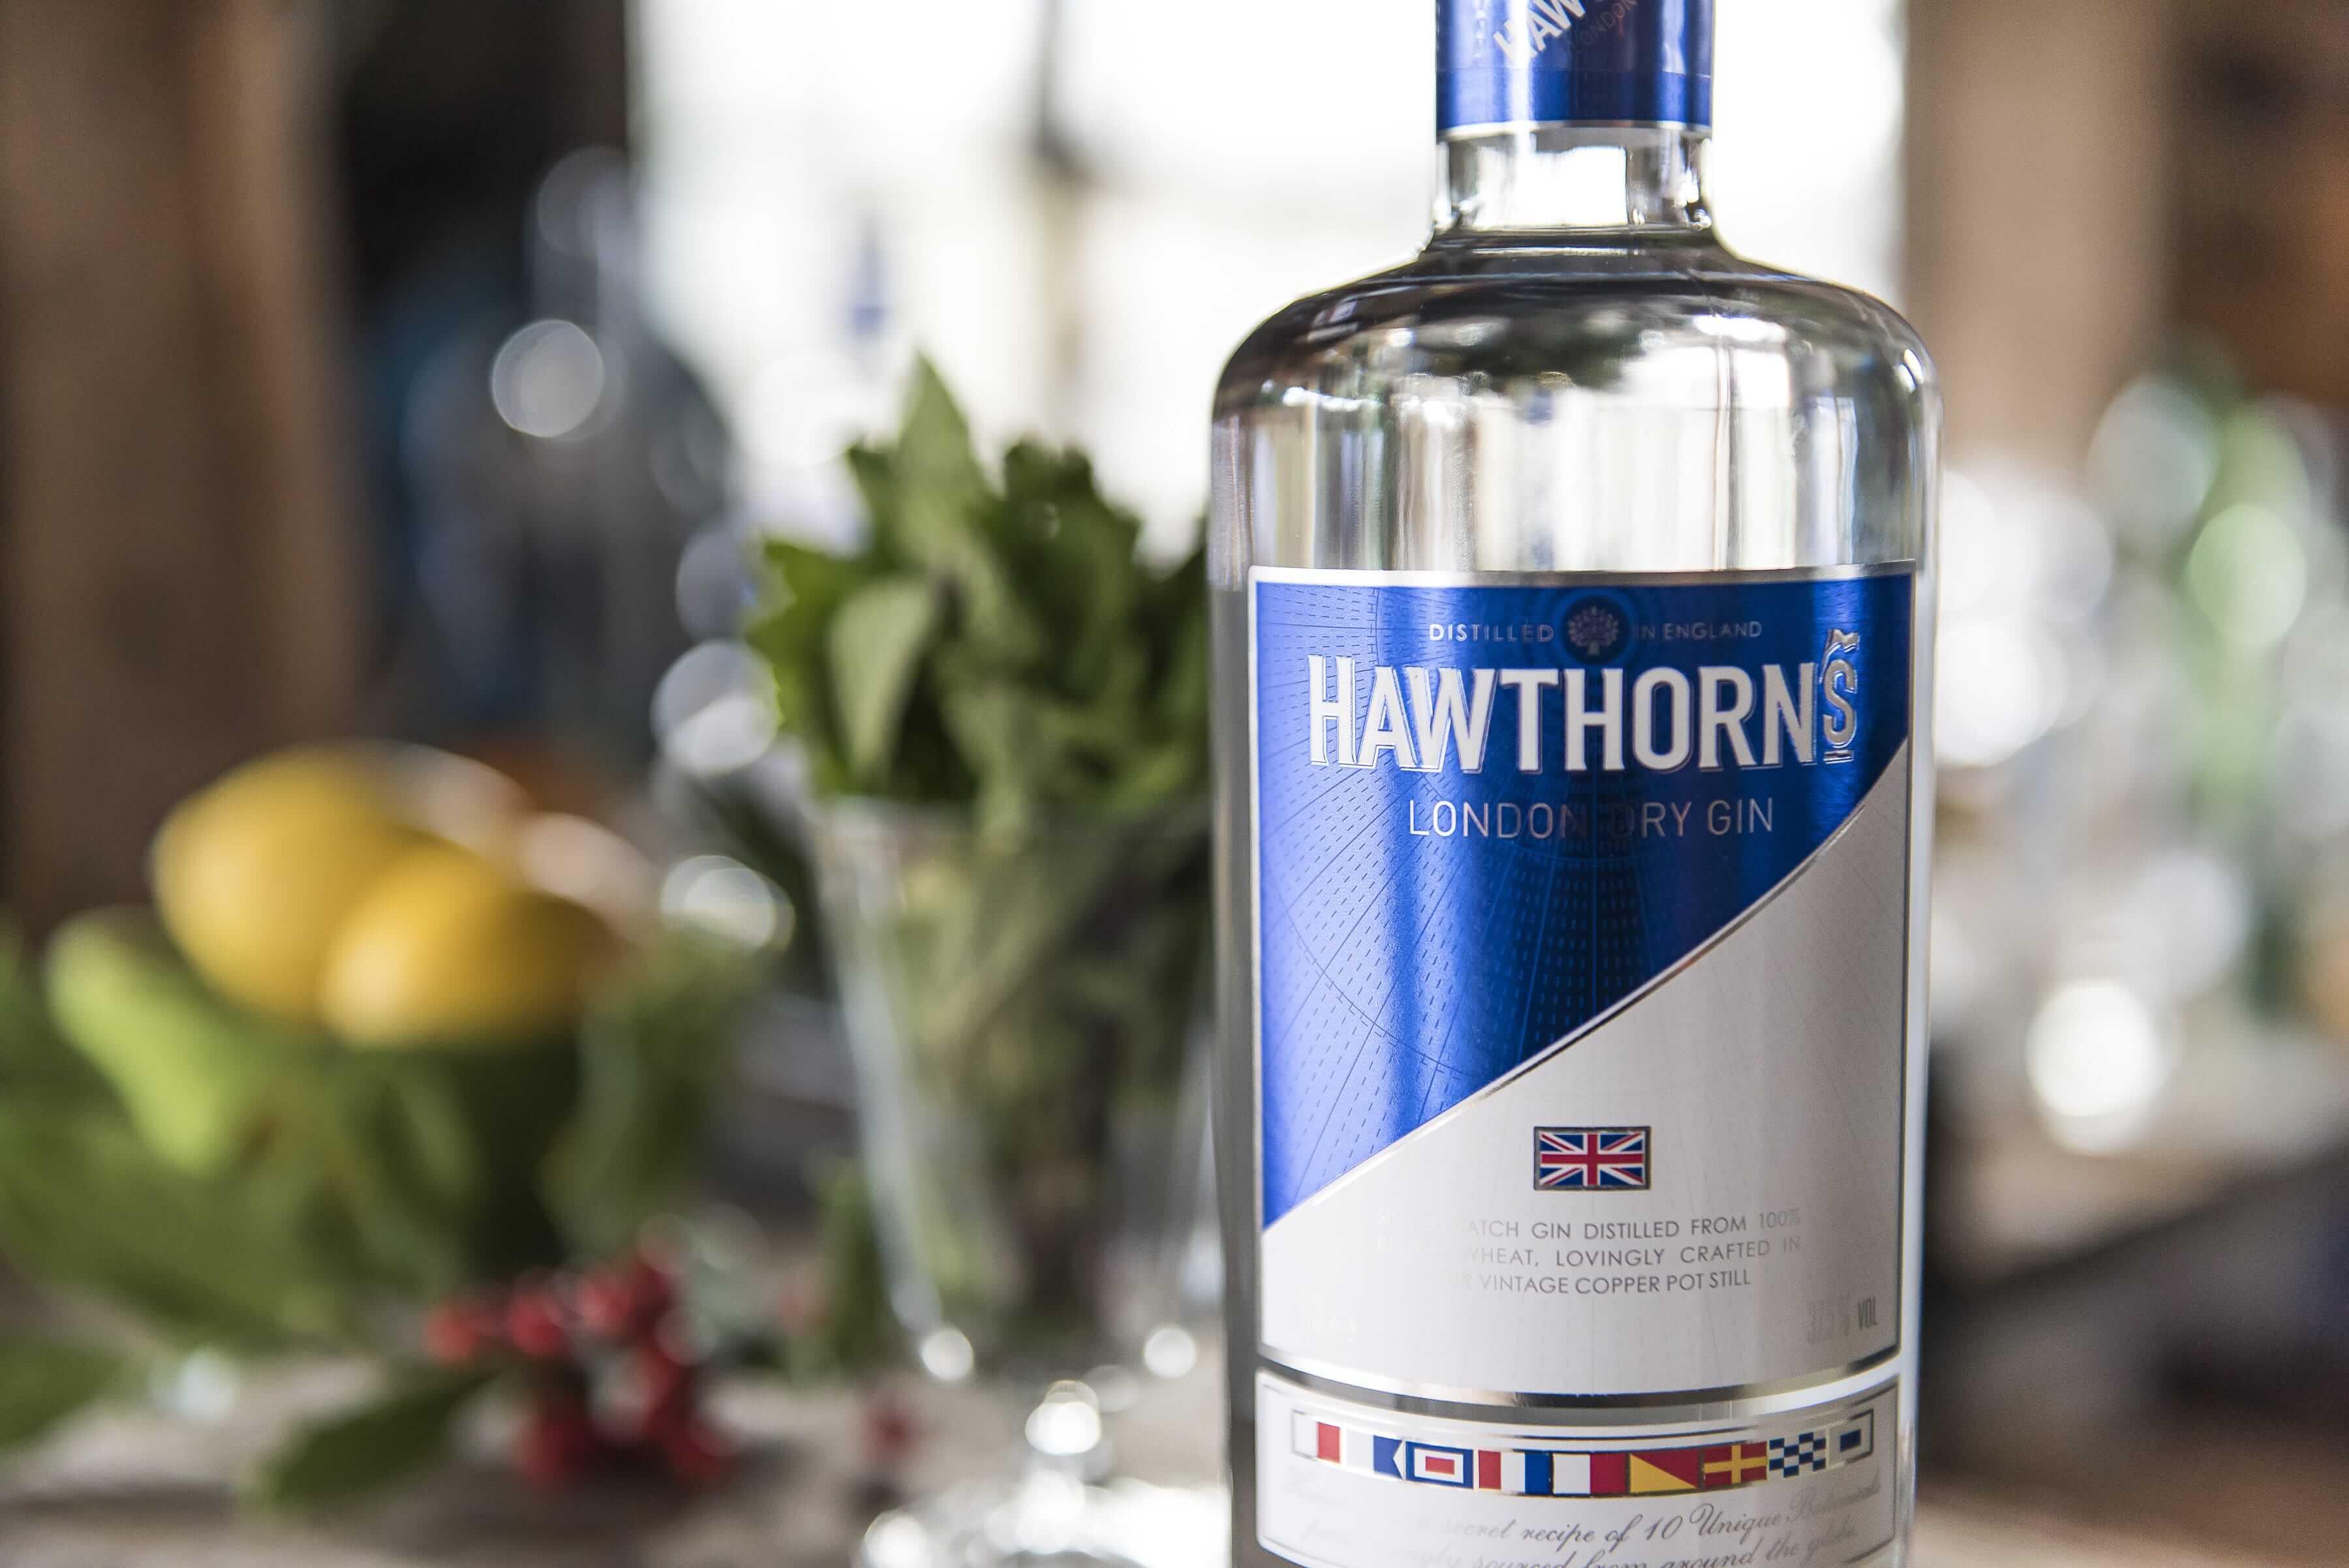 Hawthorn's